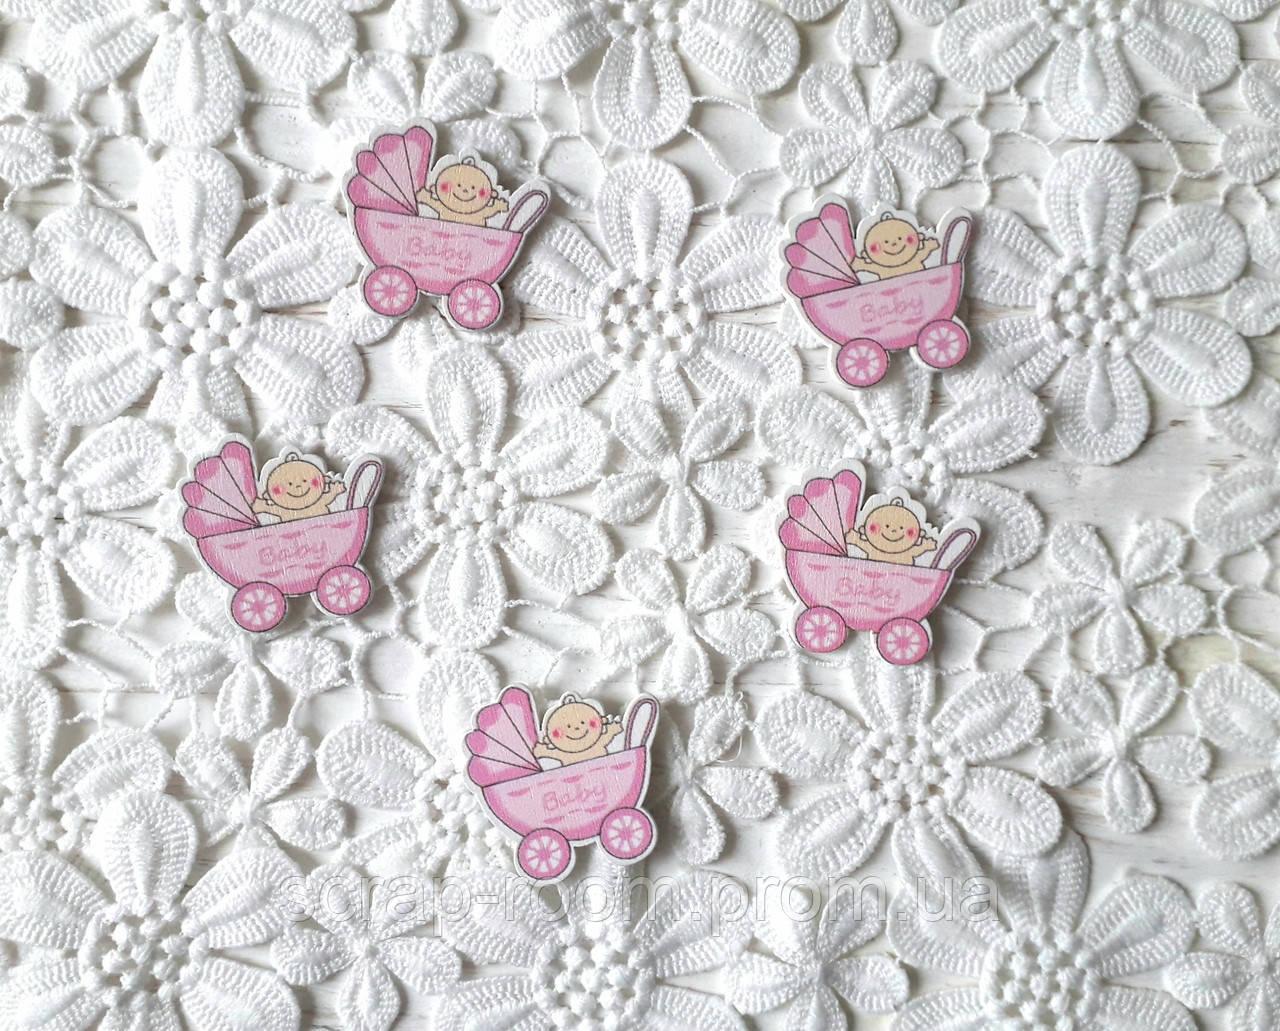 Деревянный кабошон детский Коляска с малышом девочка розовая baby, розовая коляска, baby girl